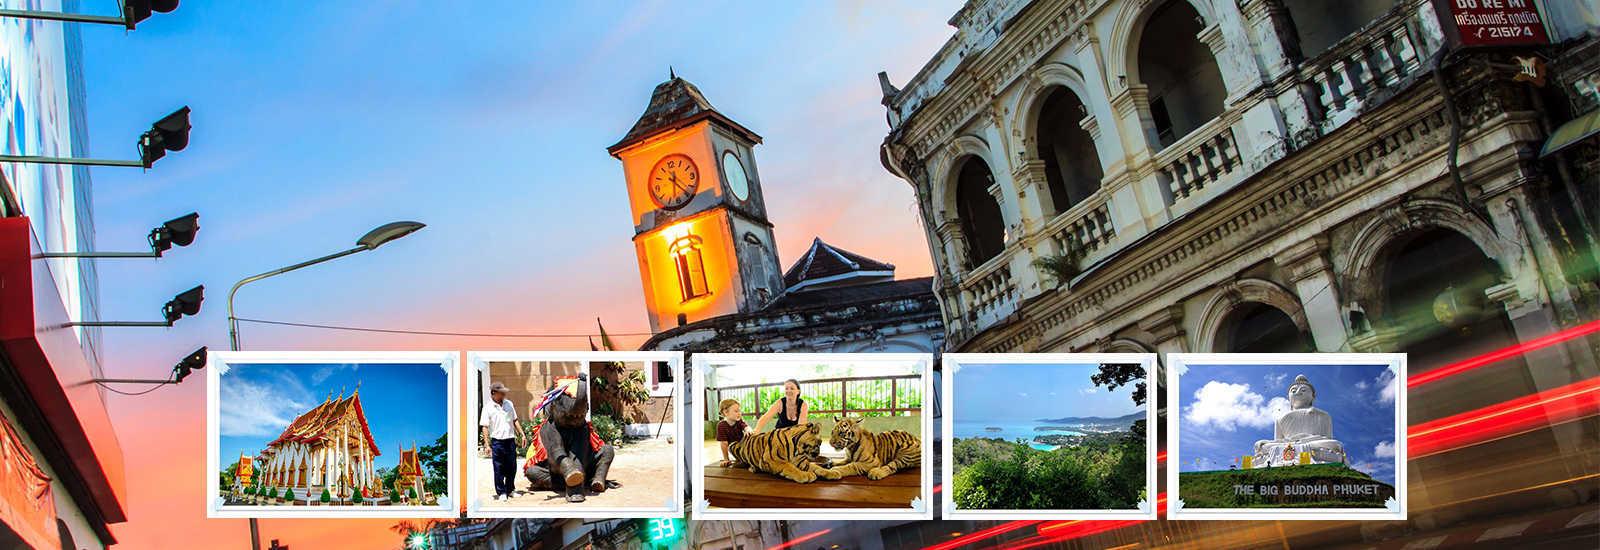 tour-phuket-city-tour